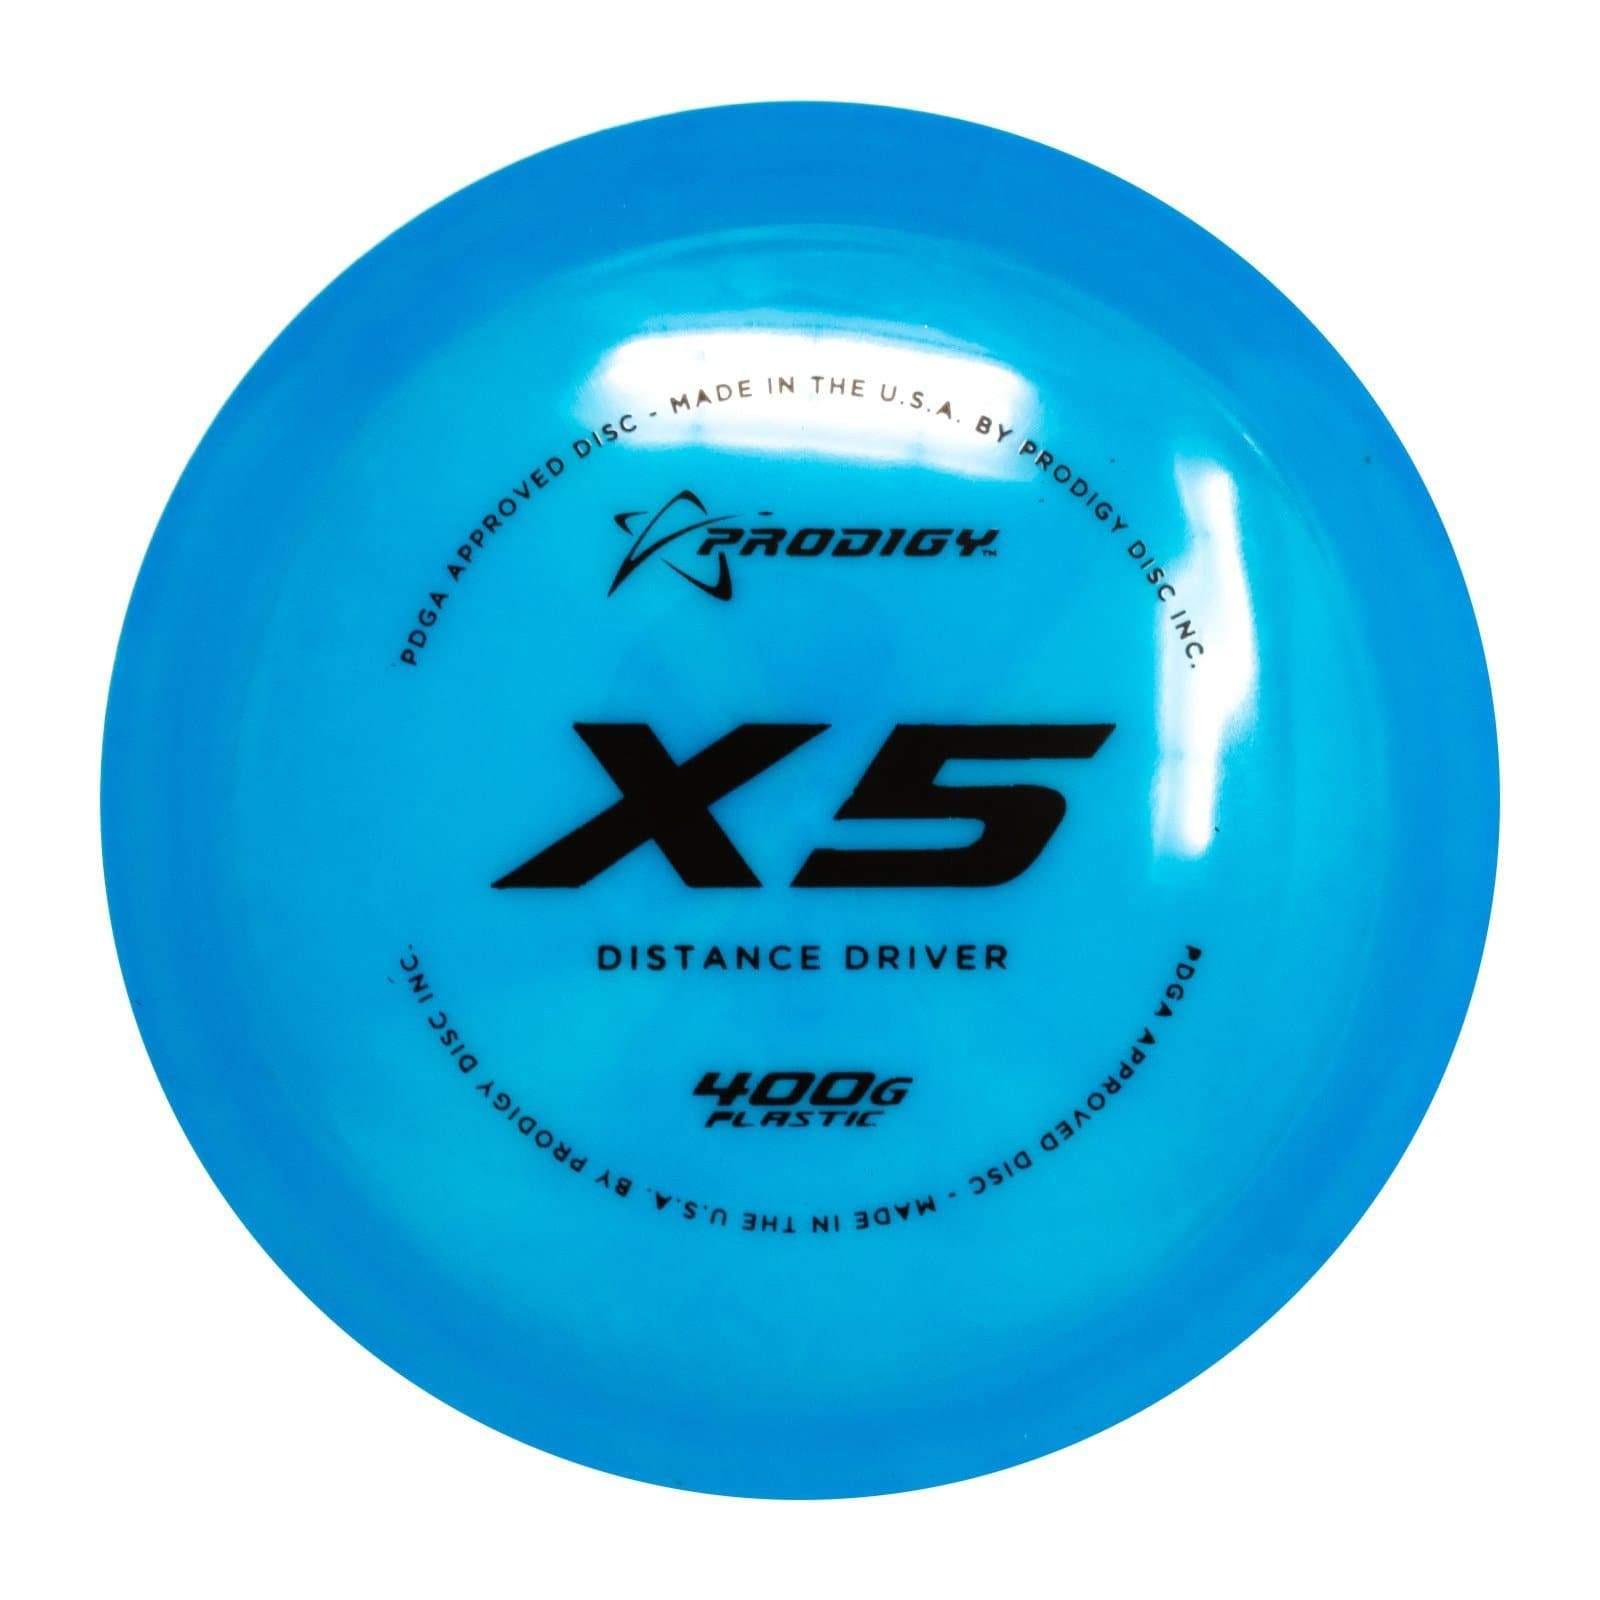 Prodigy 400g X5